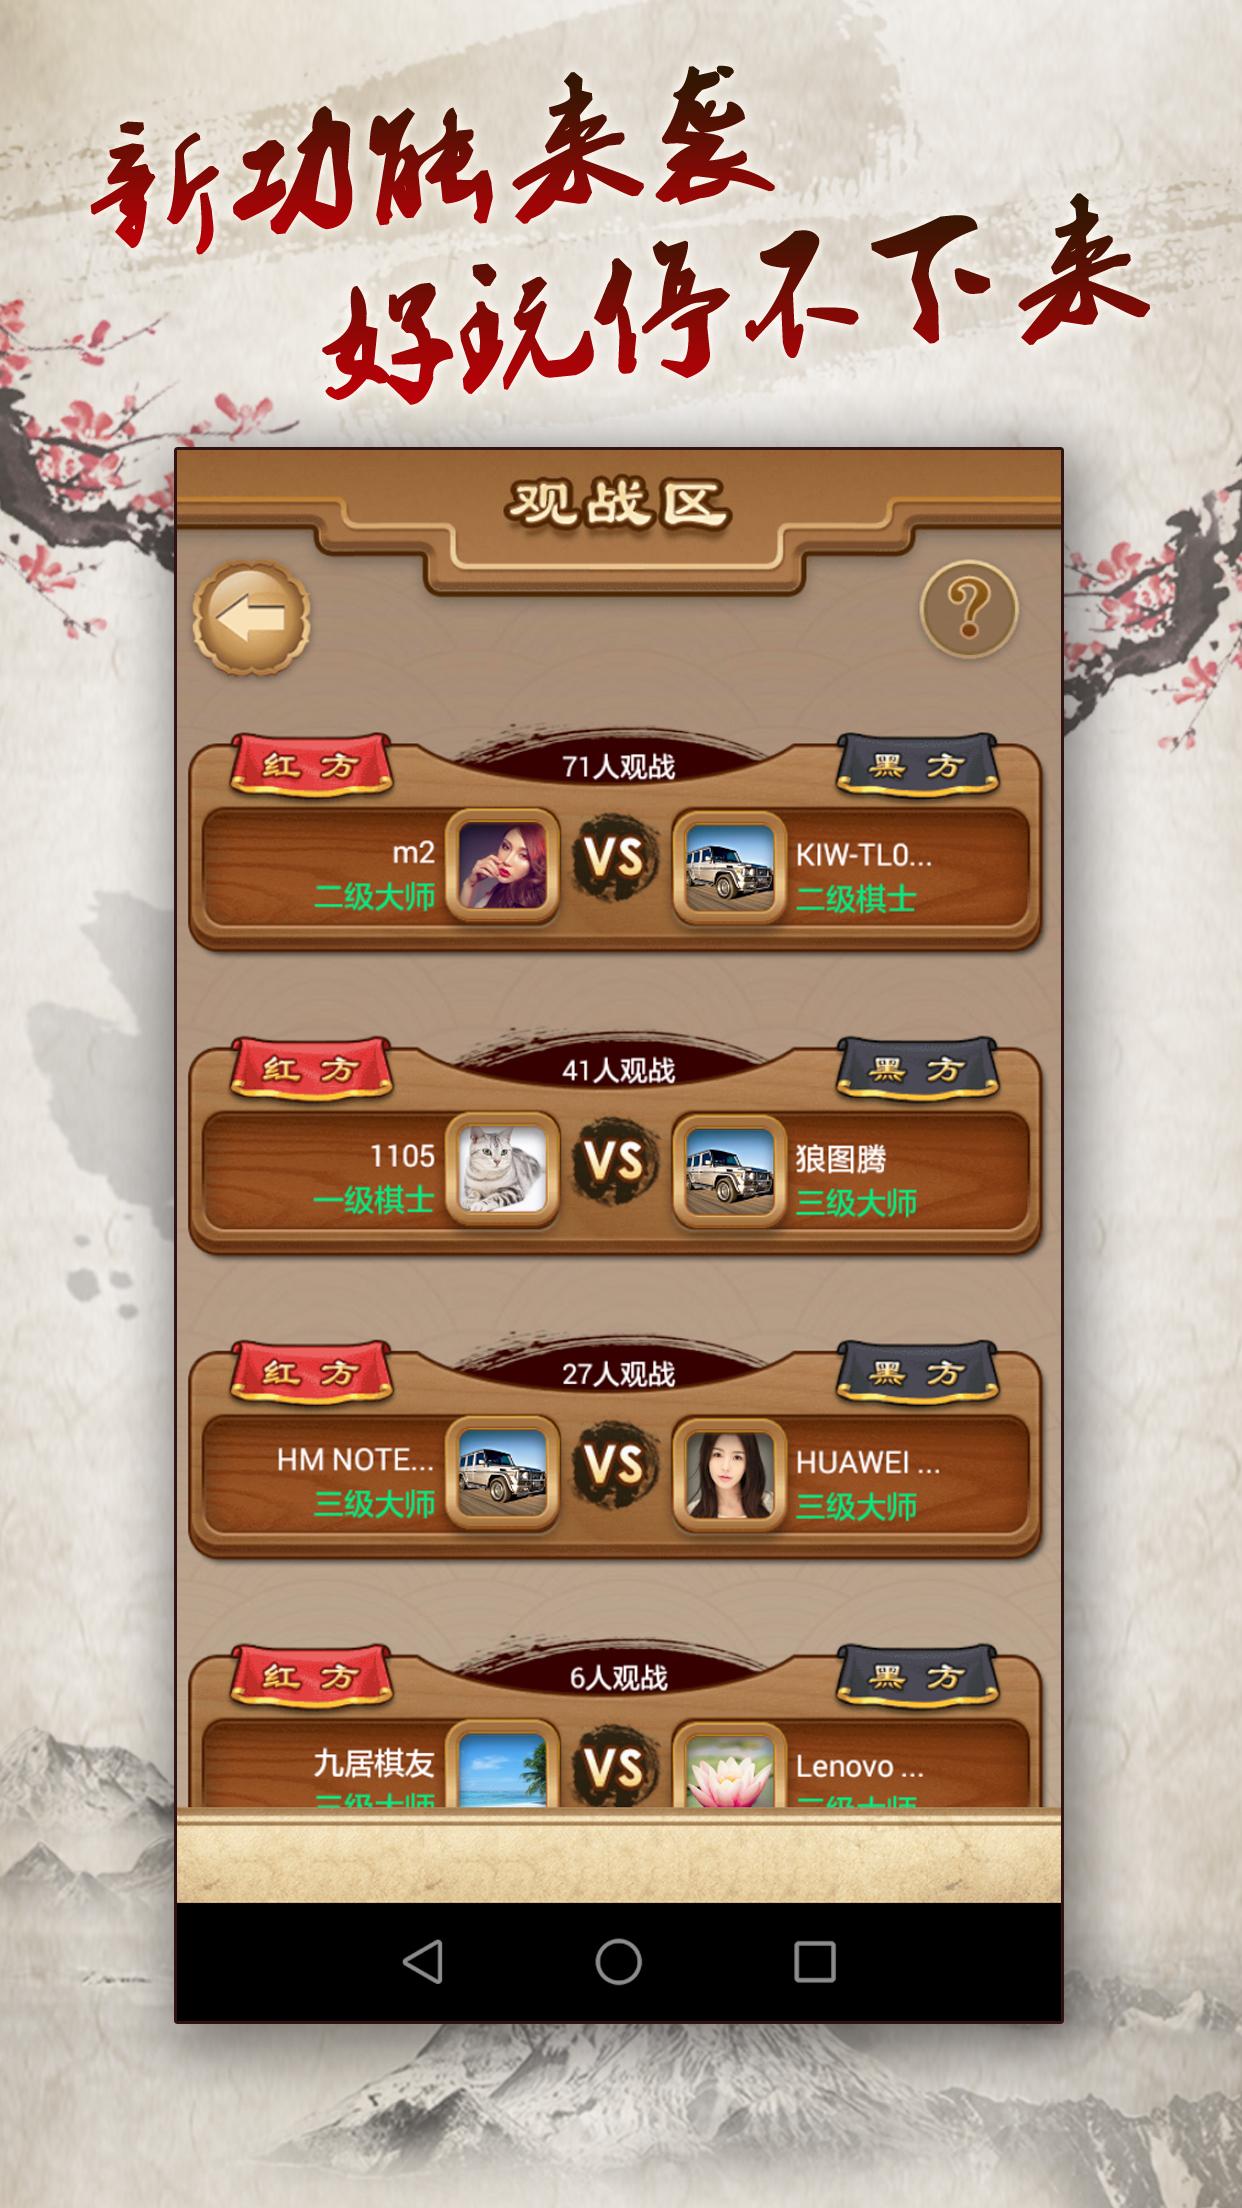 中国象棋官方网站_中国象棋安卓版下载图片